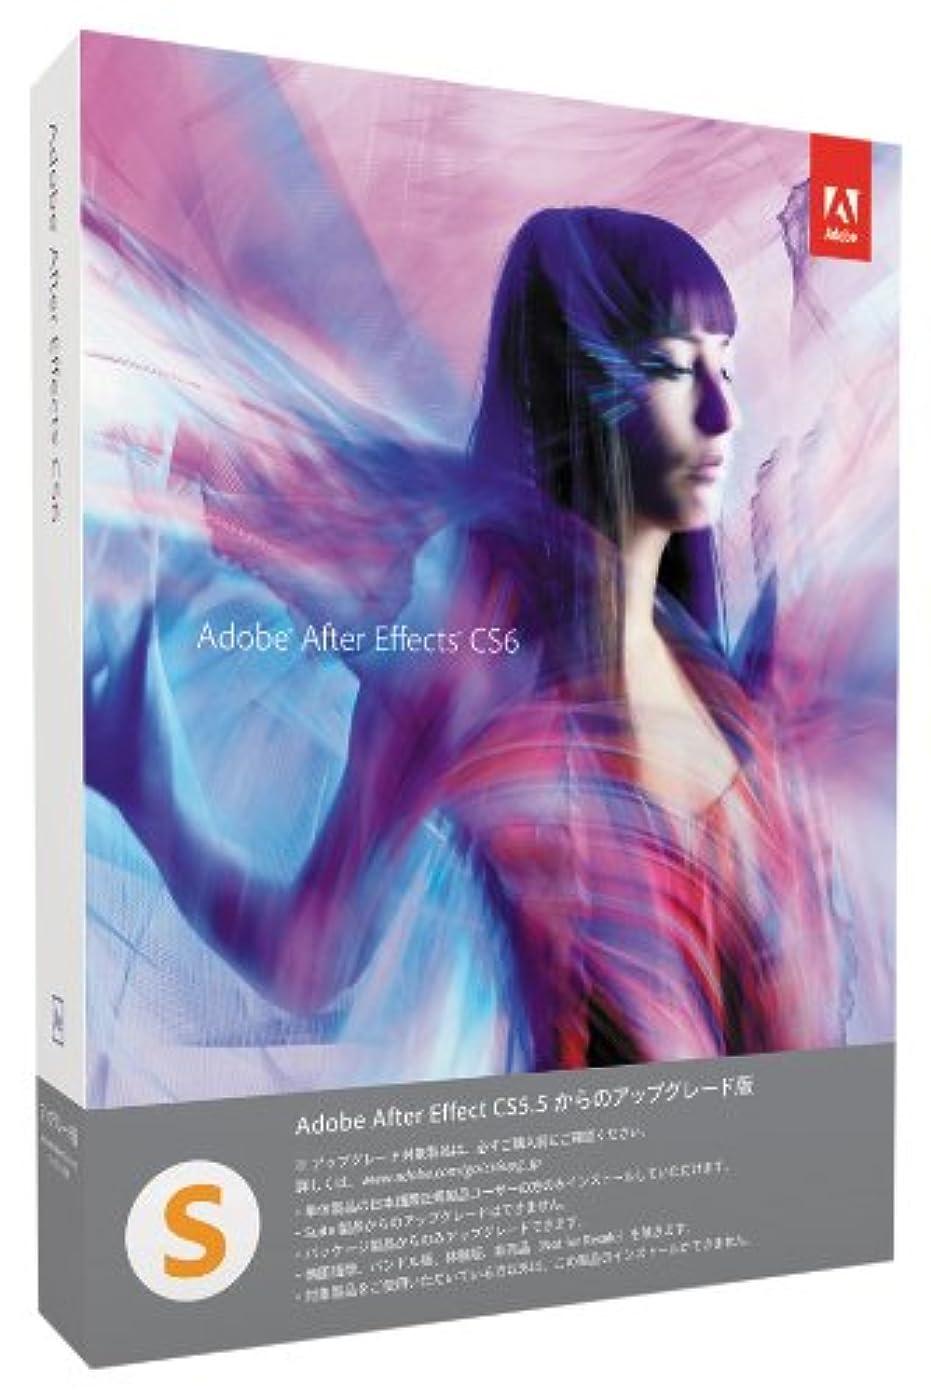 名門アプトシンプルさAdobe After Effects CS6 Windows版 アップグレード版「S」(CS5.5からのアップグレード) (旧製品)